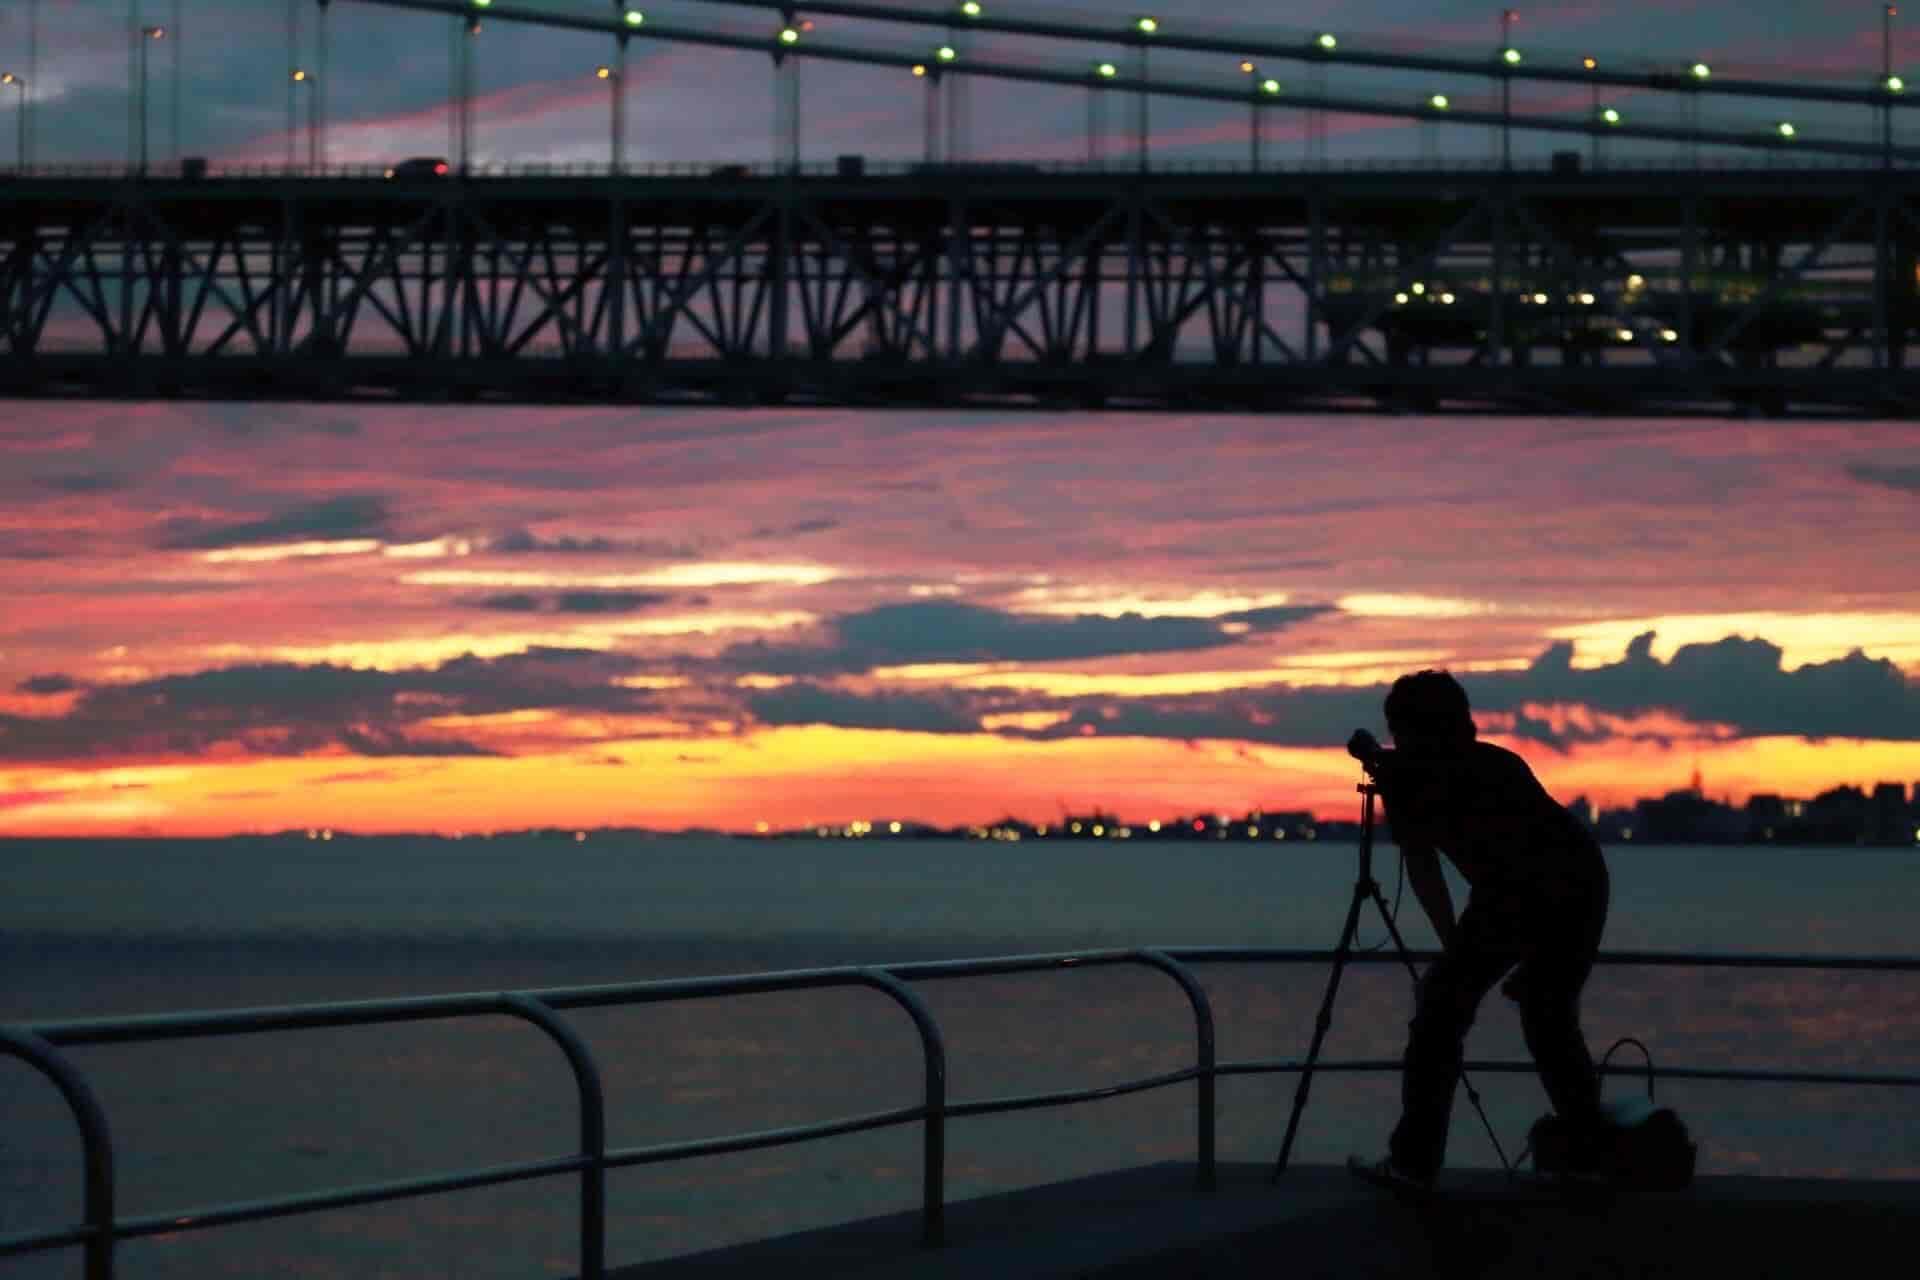 ラブ探偵事務所と他社の千葉県市原市での夜間暗視撮影